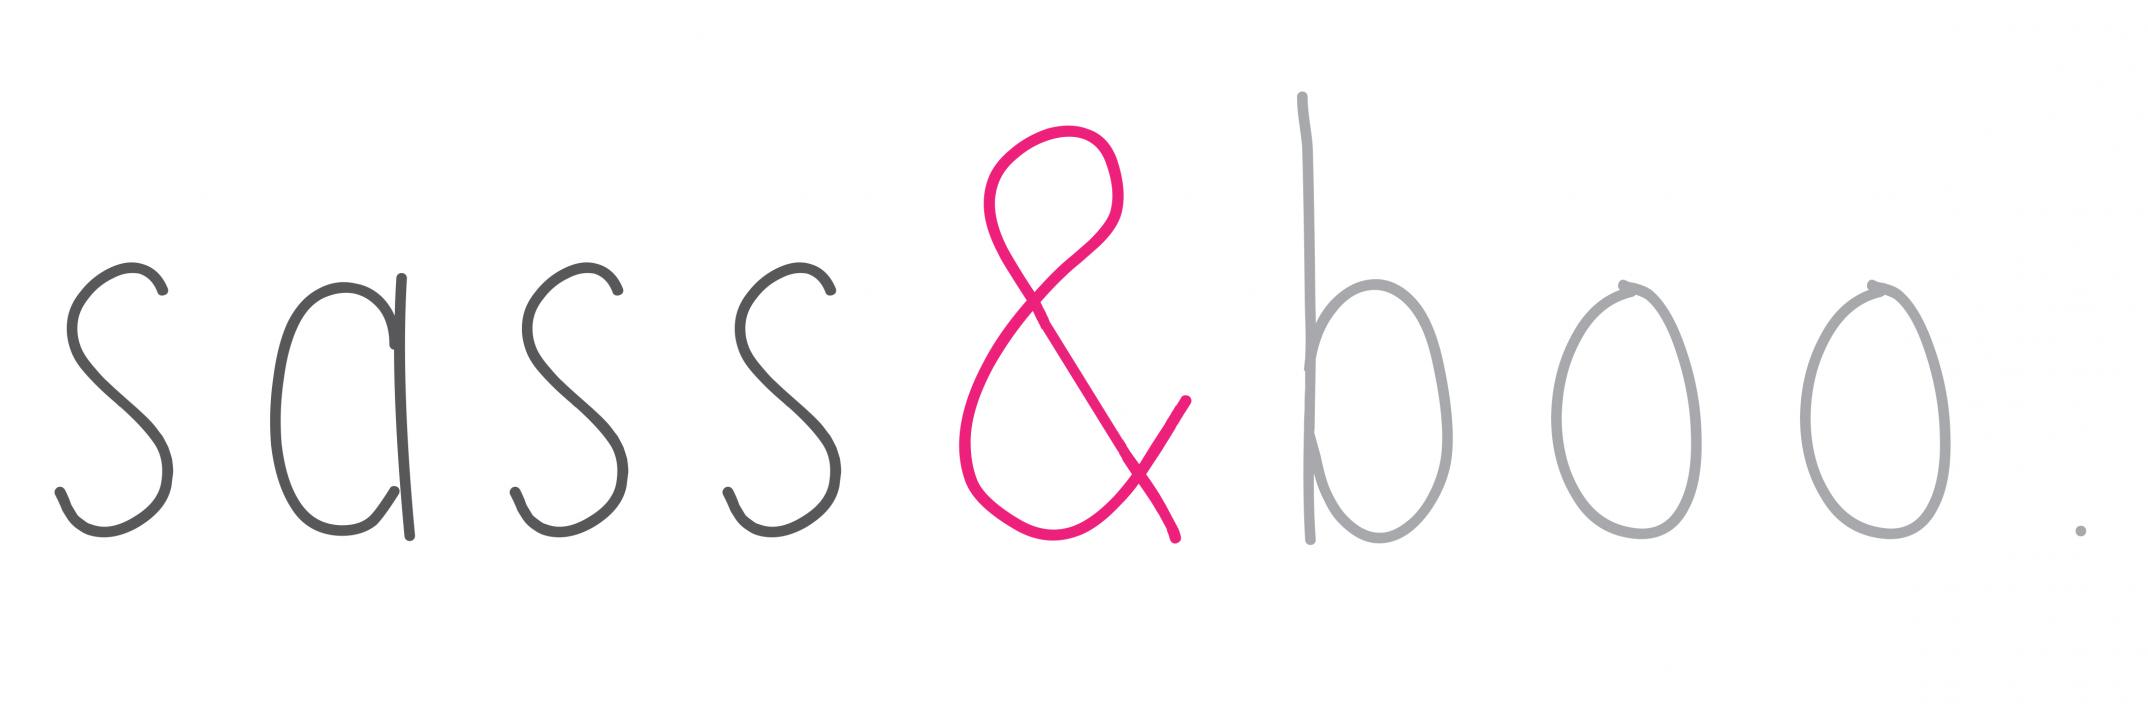 Sass & Boo